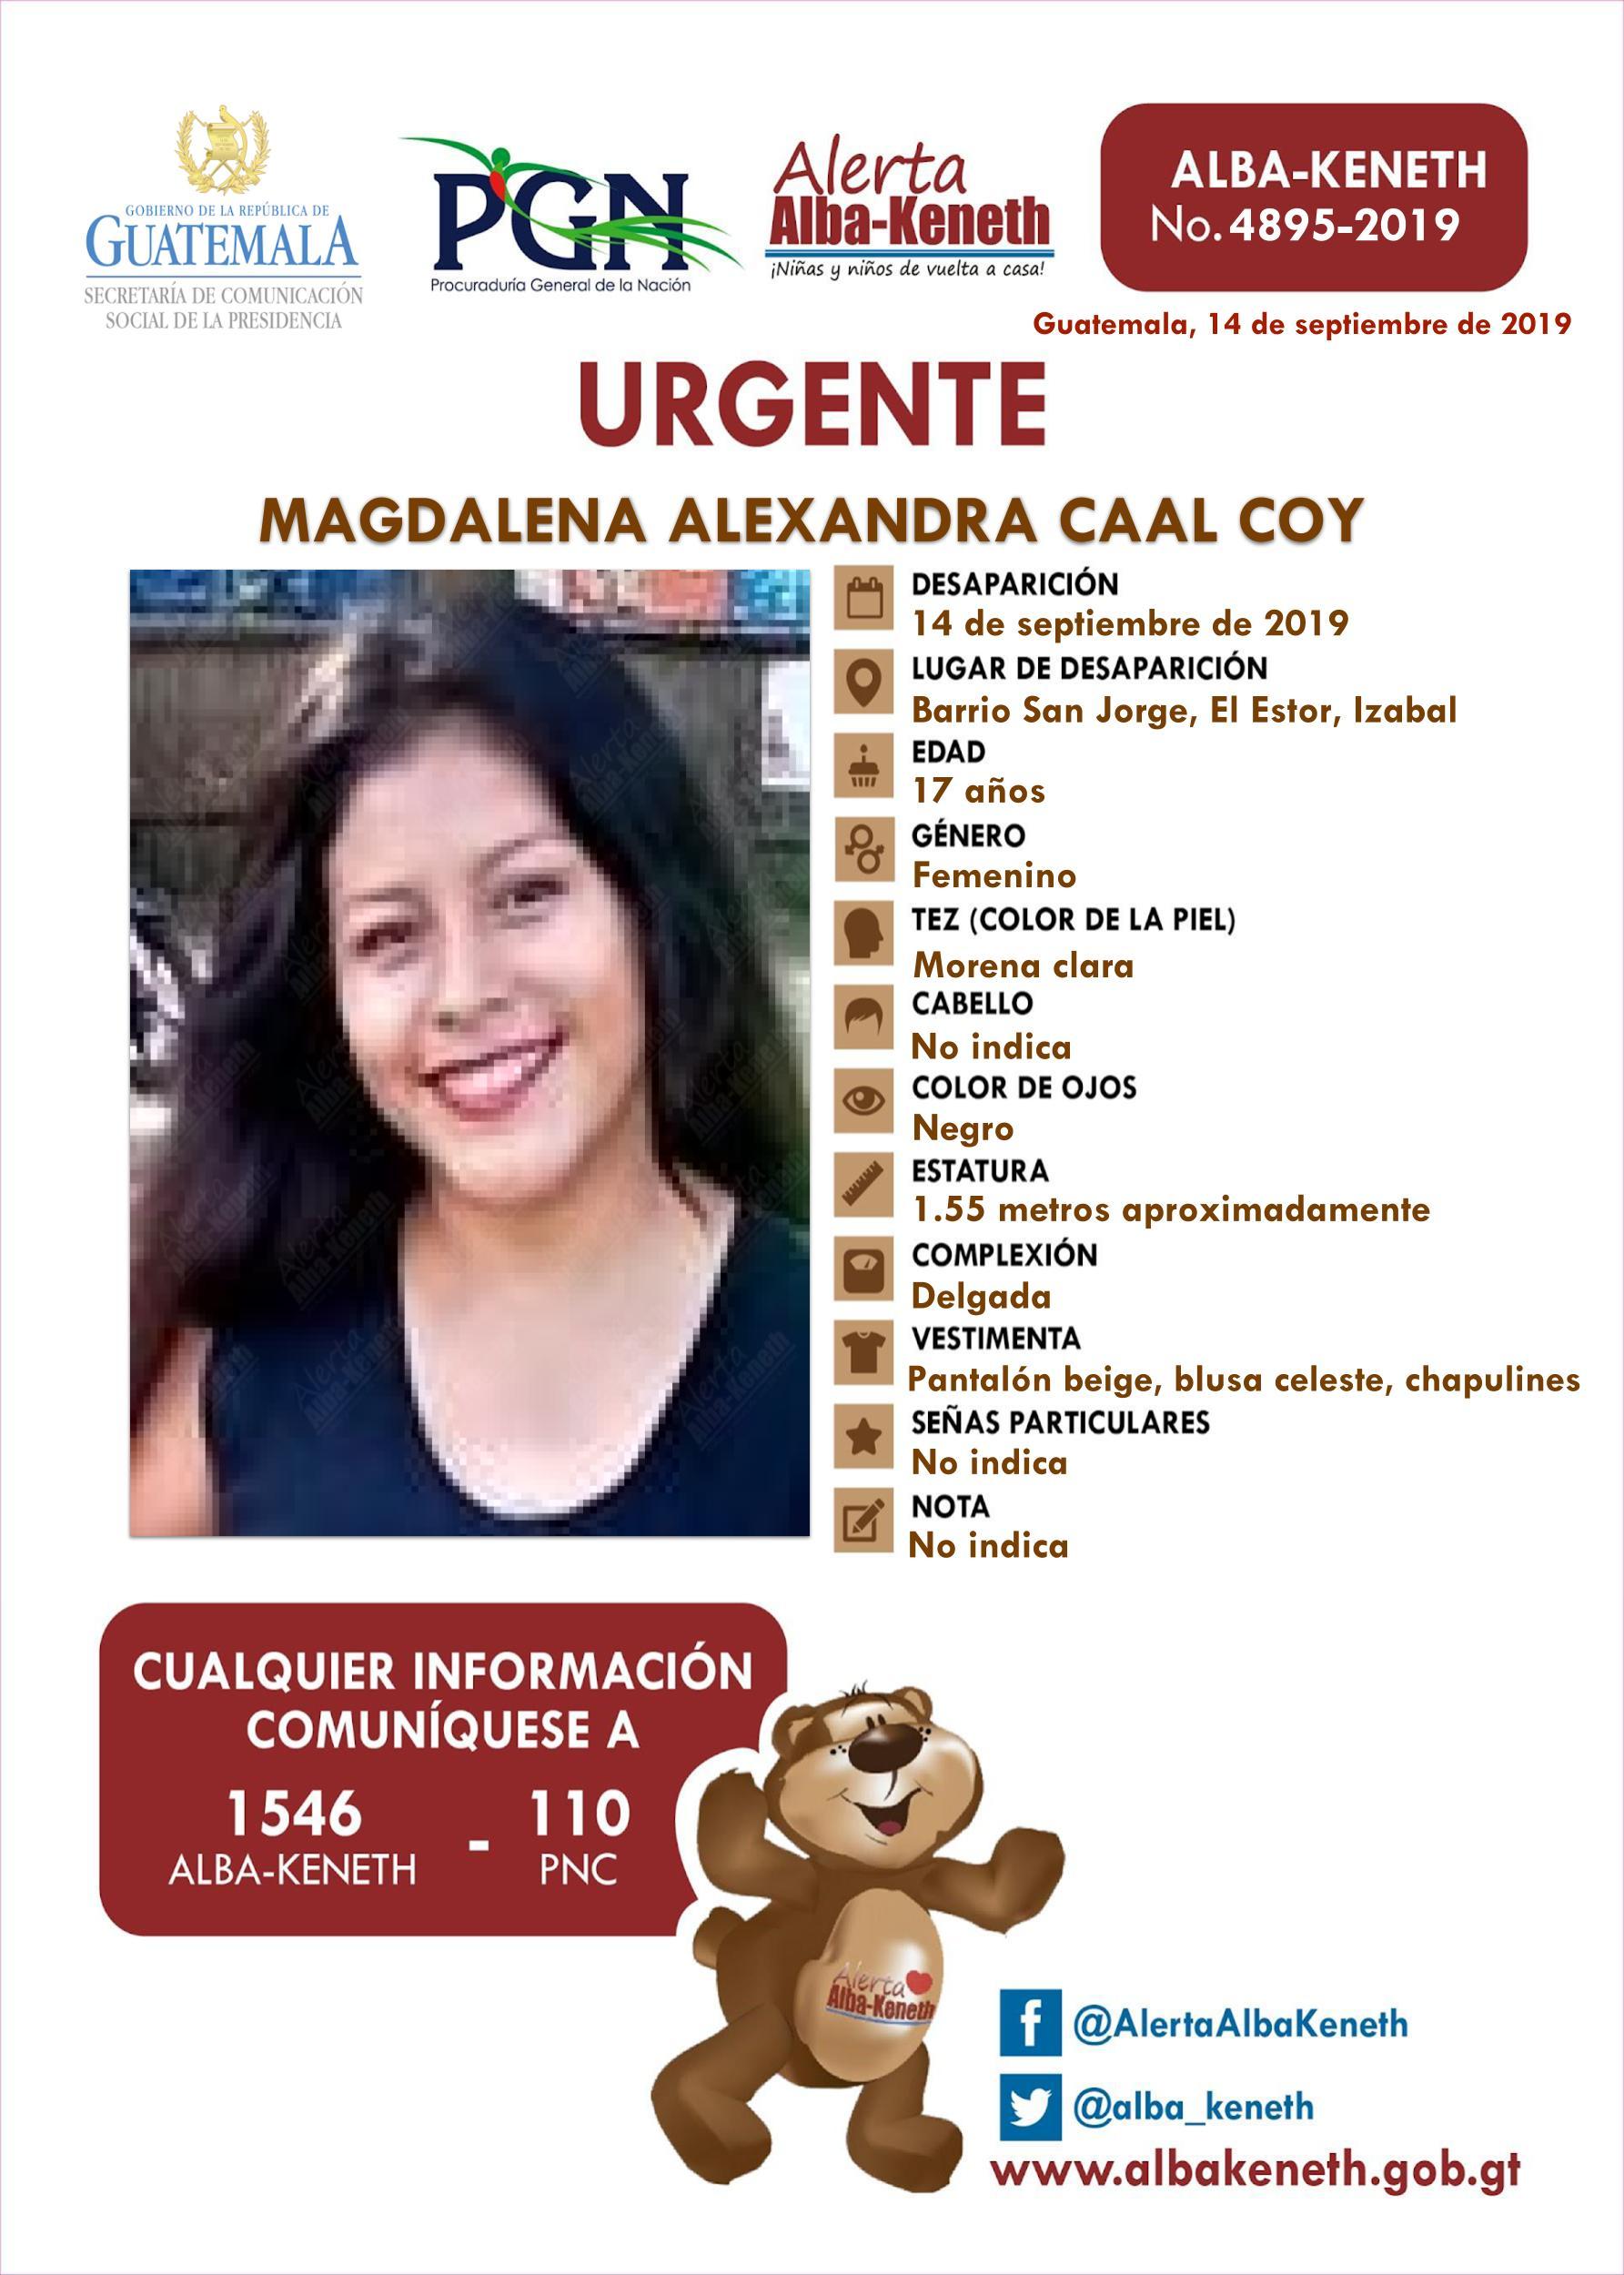 Magdalena Alexandra Caal Coy